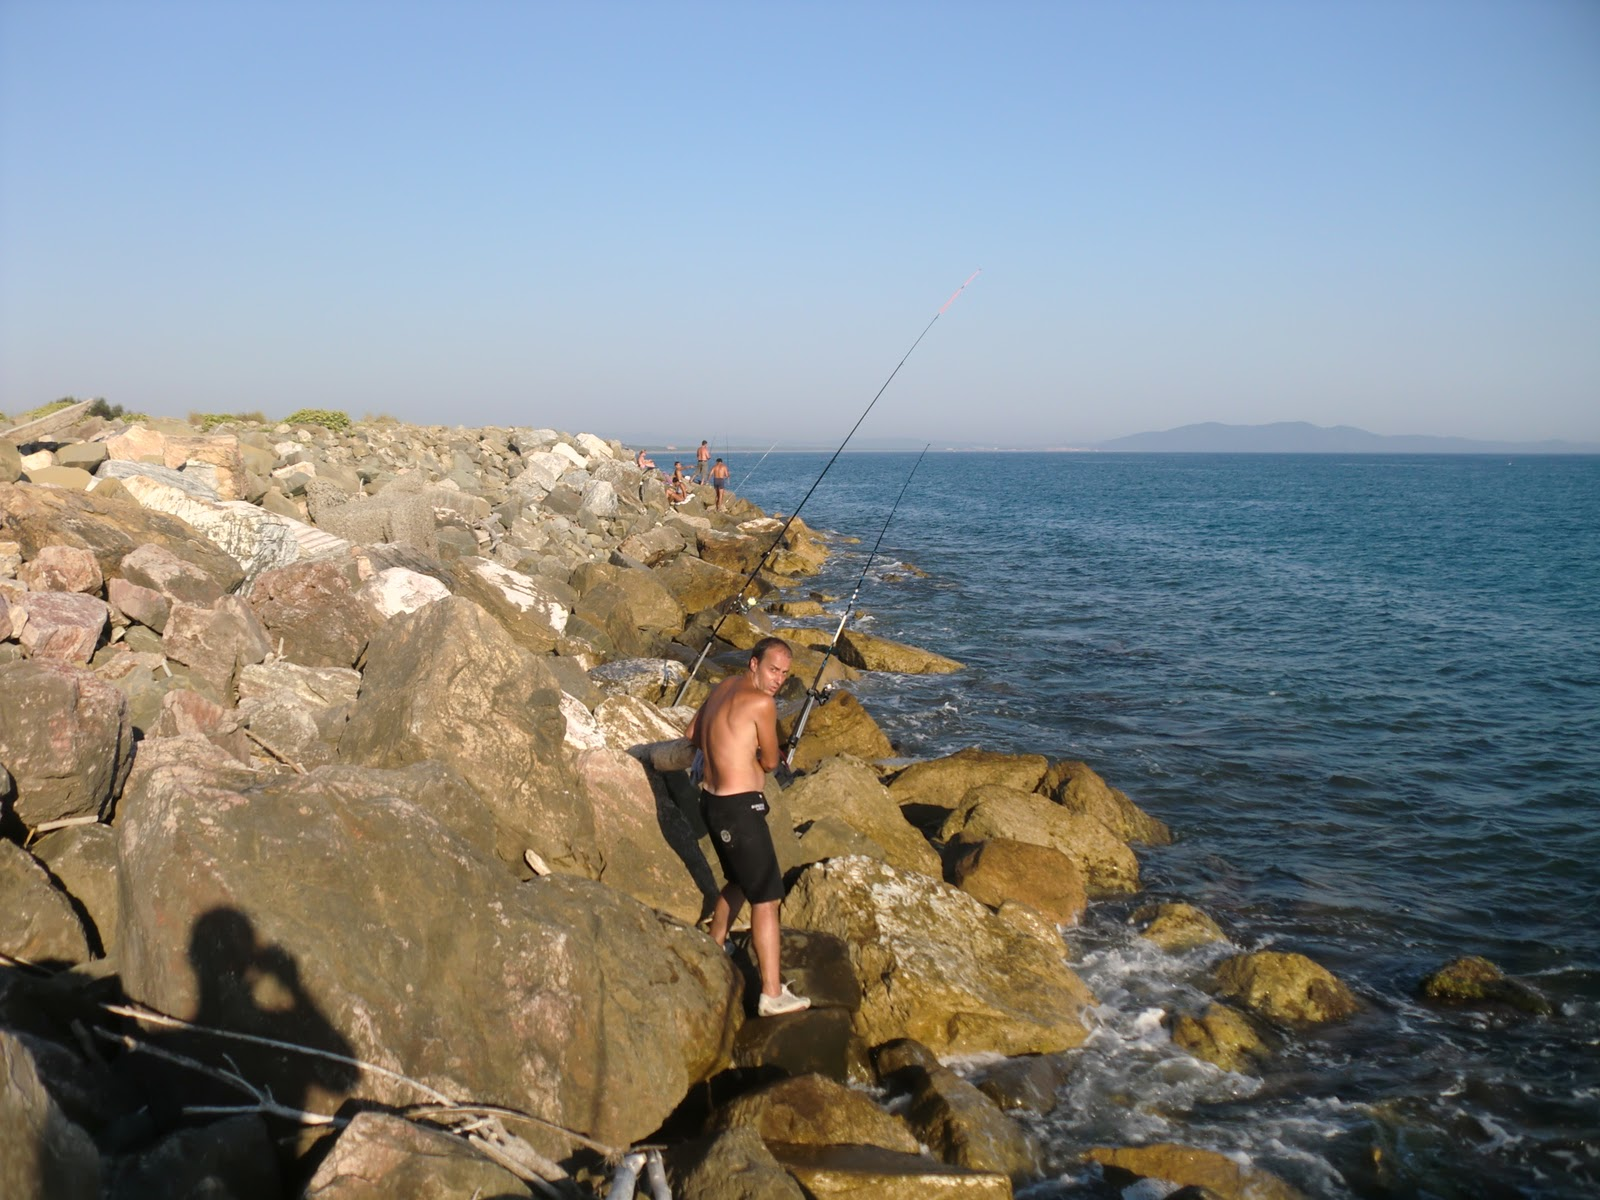 Avventure di pesca spinning e surfcasting dalla scogliera di castiglione della pescaia - Tavole maree castiglione della pescaia ...